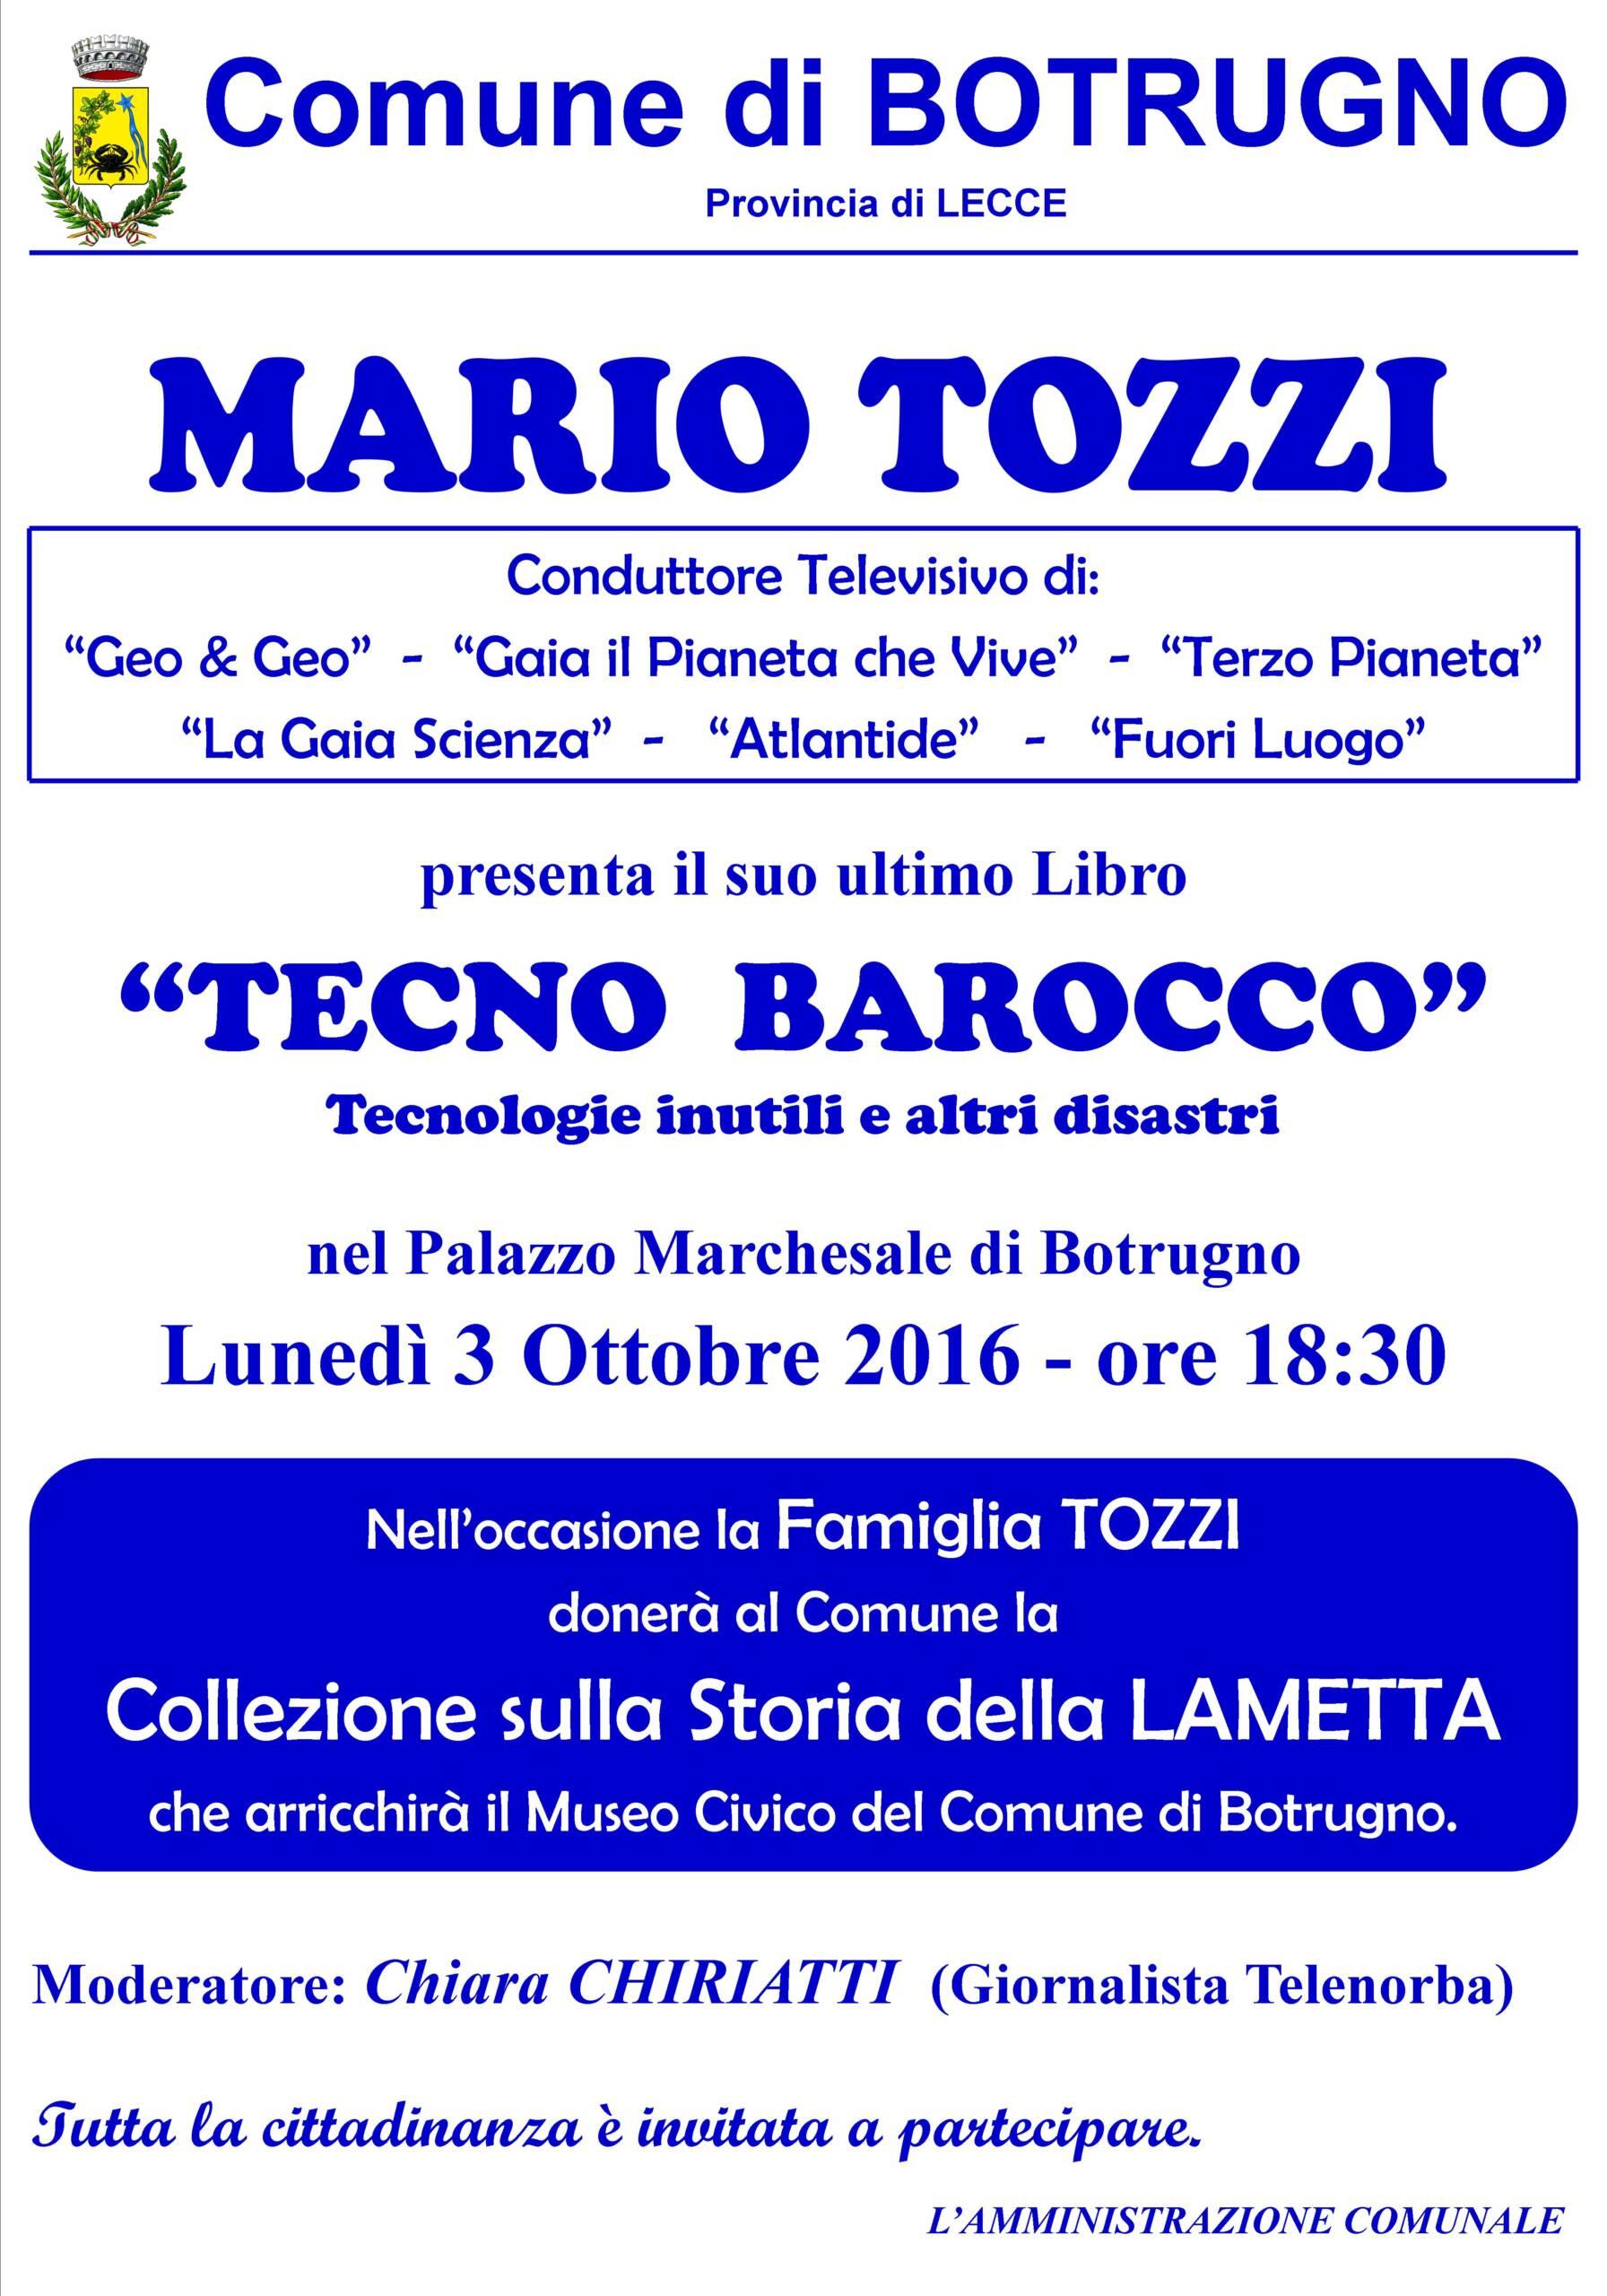 Evento_Comune_Botrugno_Mario_Tozzi.jpg